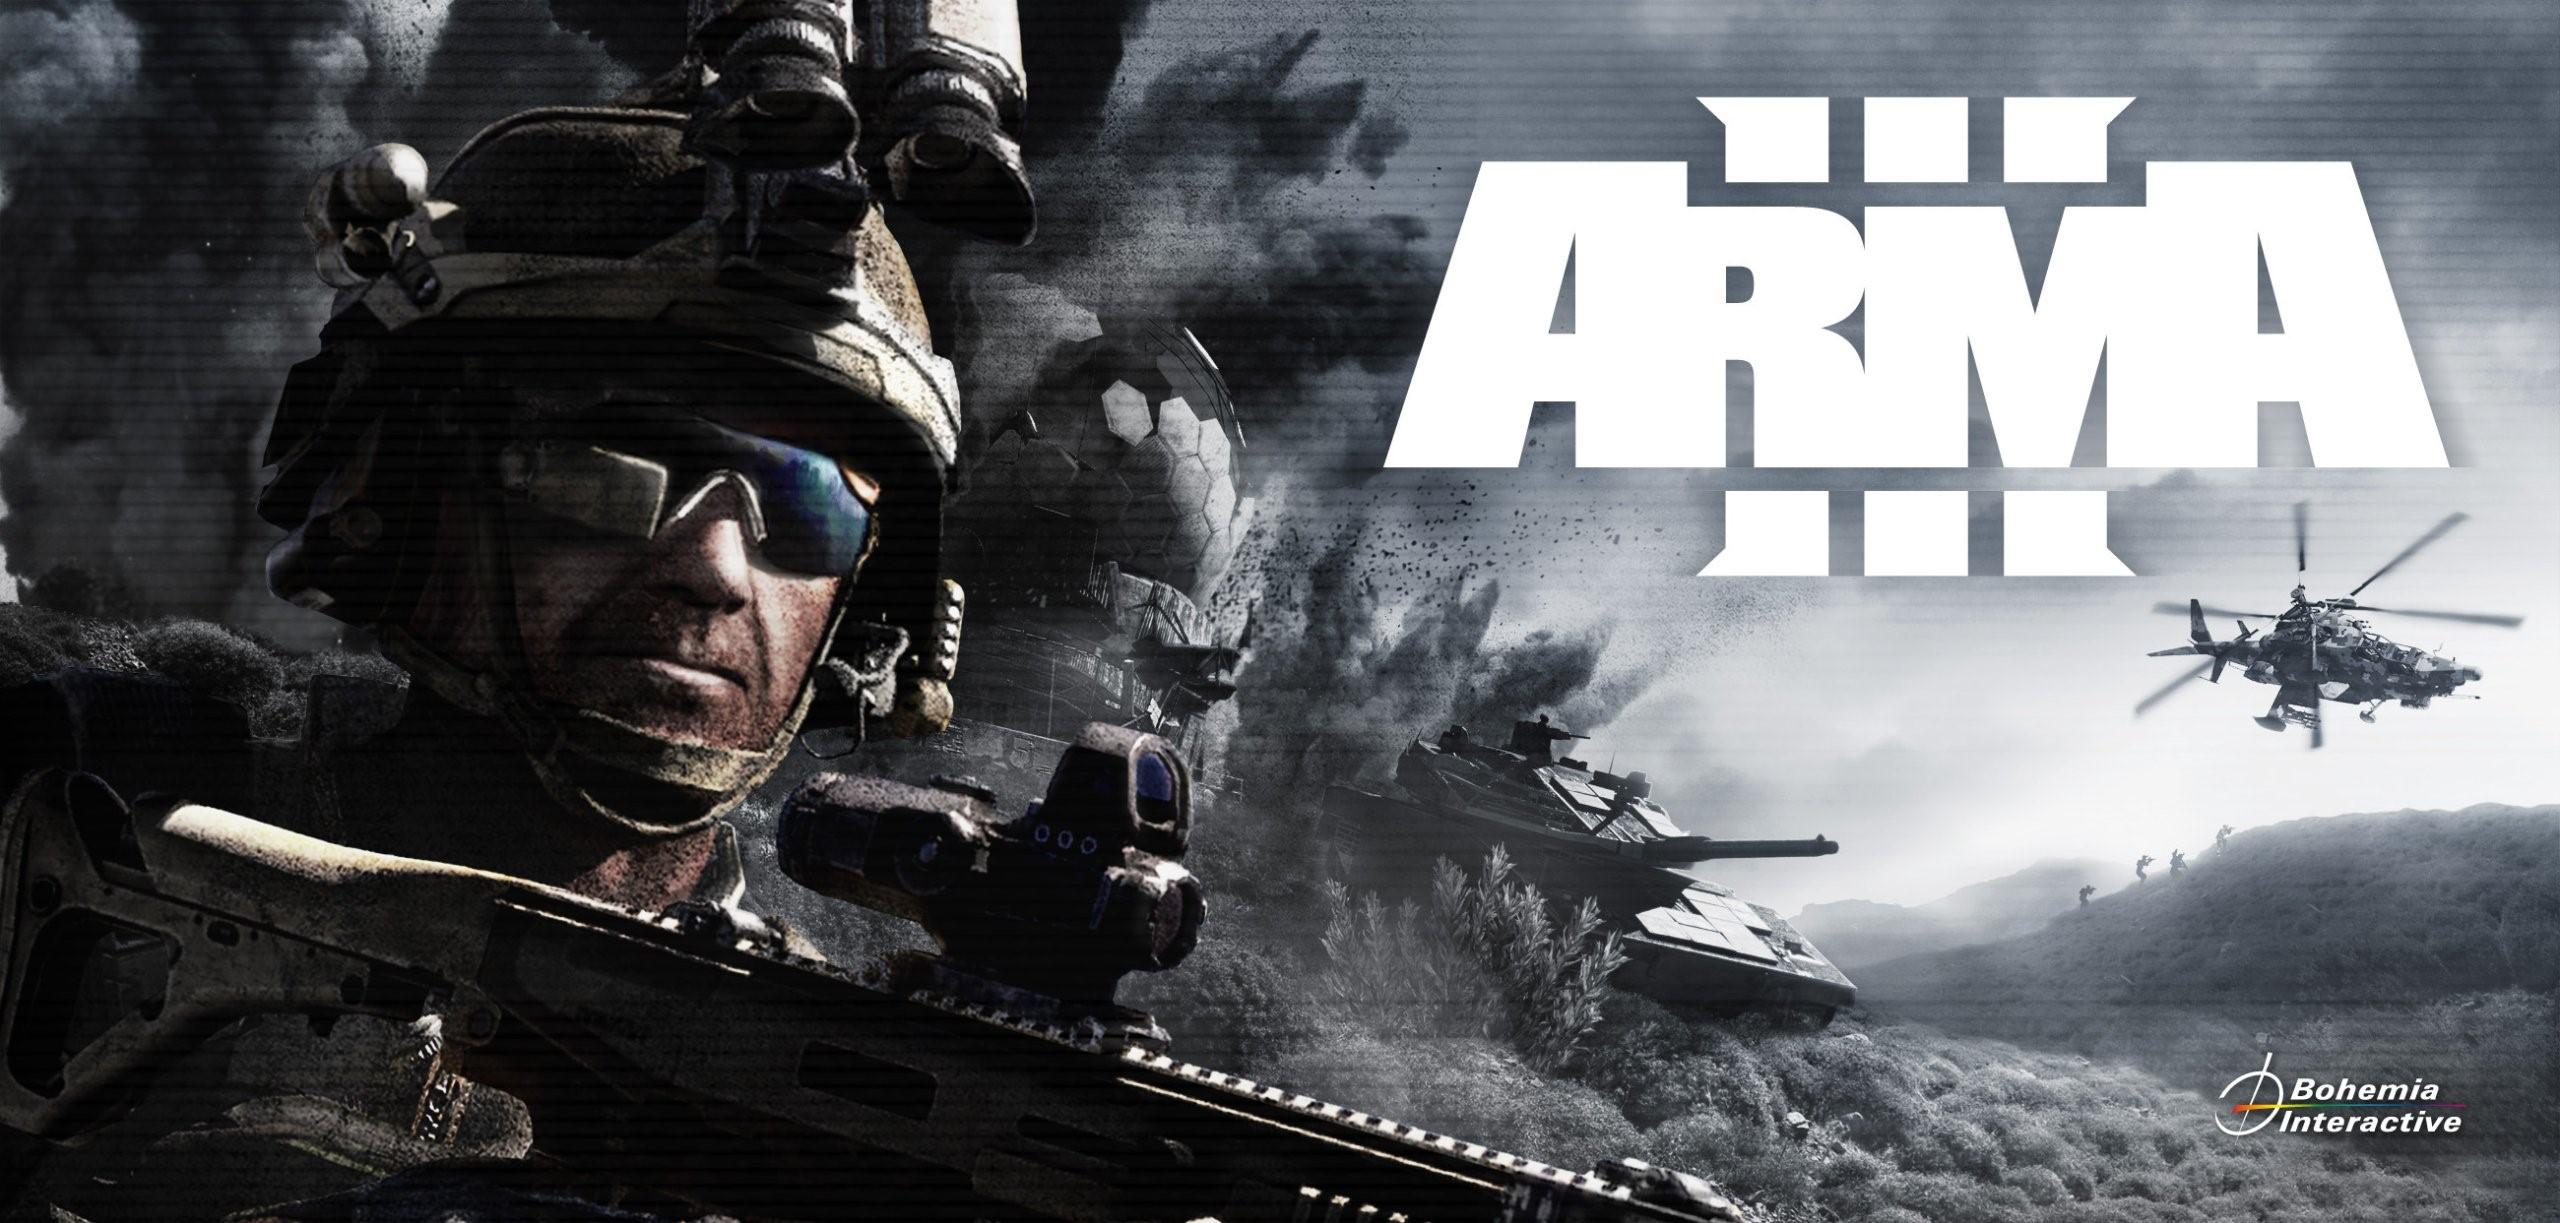 Arma 3 - Darmowy weekend rozpocznie się 14 lutego o 19:00